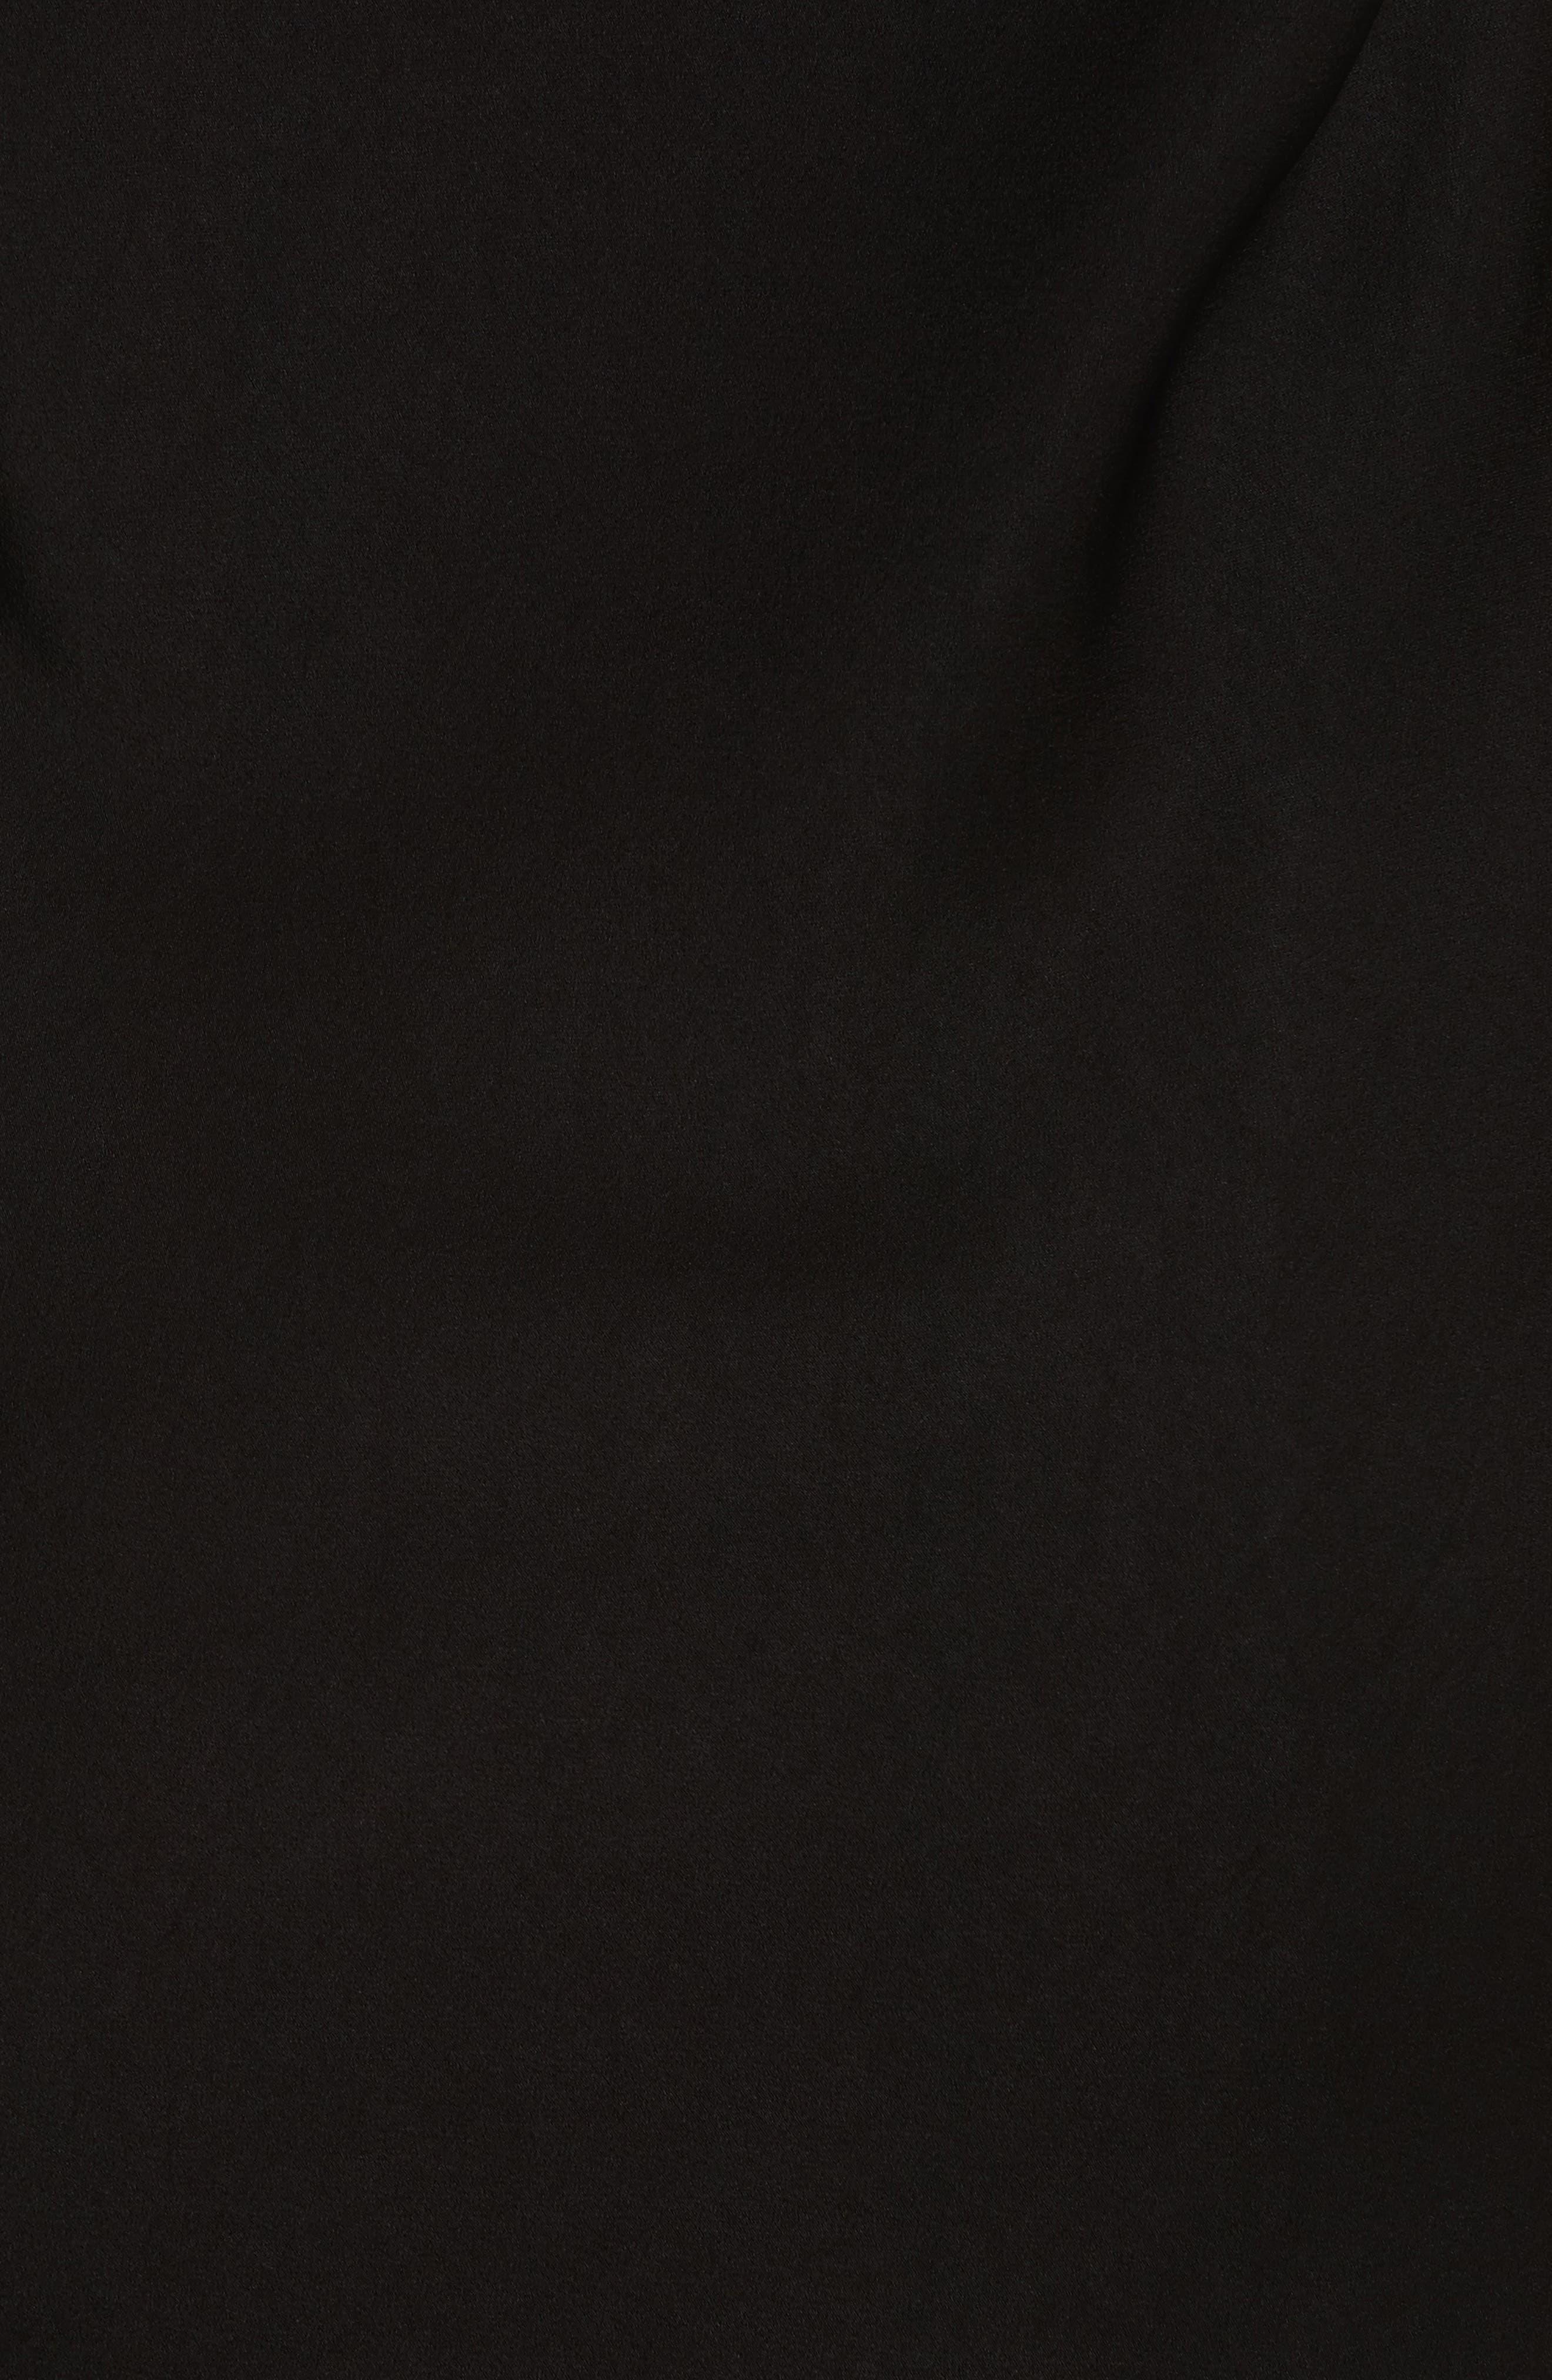 Danel Twist Cowl Back Top,                             Alternate thumbnail 5, color,                             Black